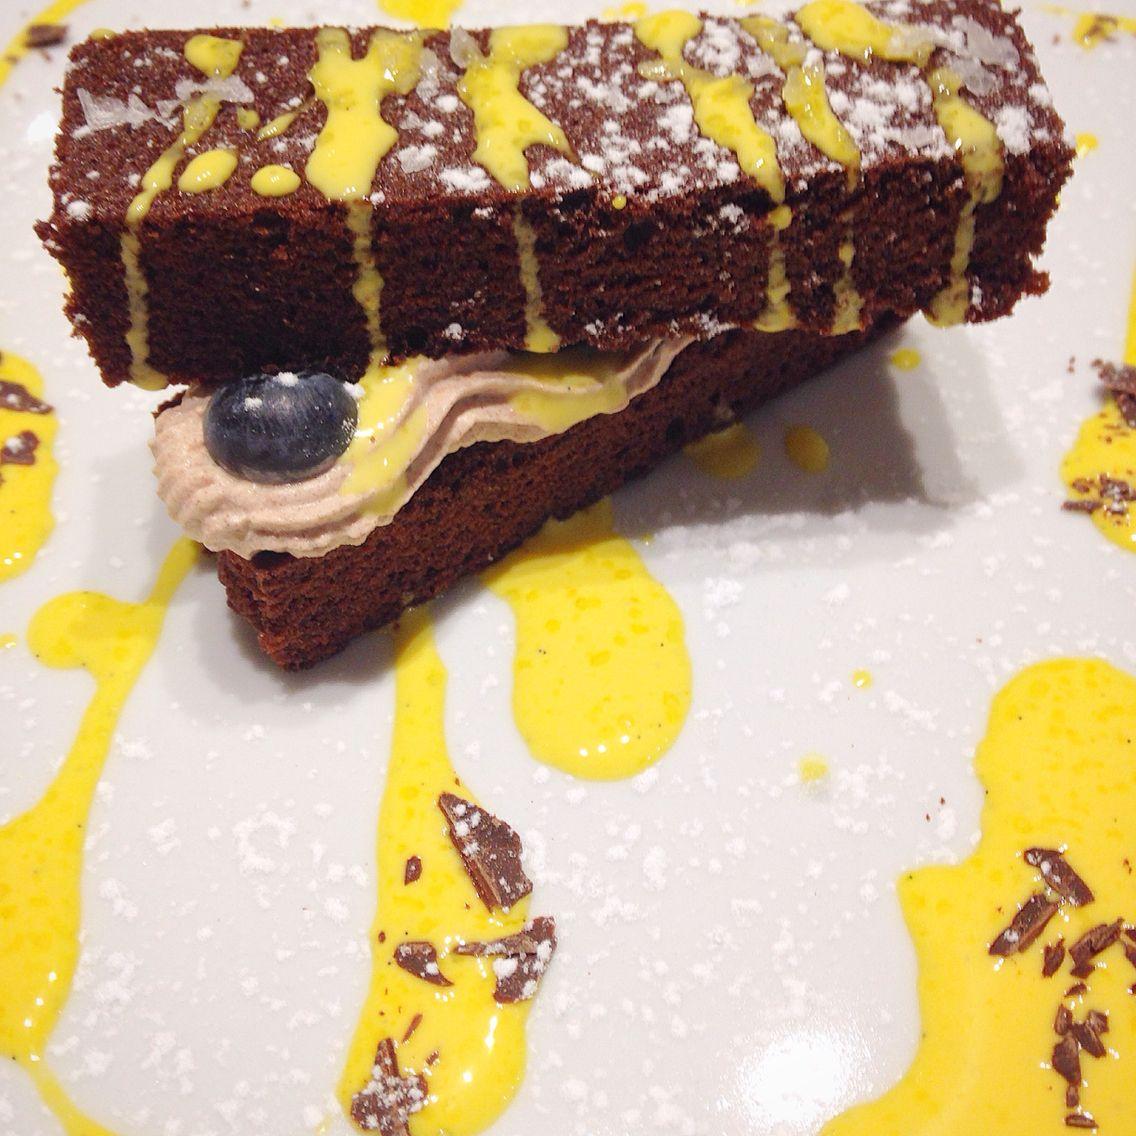 Tegolina al cioccolato e sale maldon con panna alla cannella, mirtilli e crema inglese alla vaniglia.